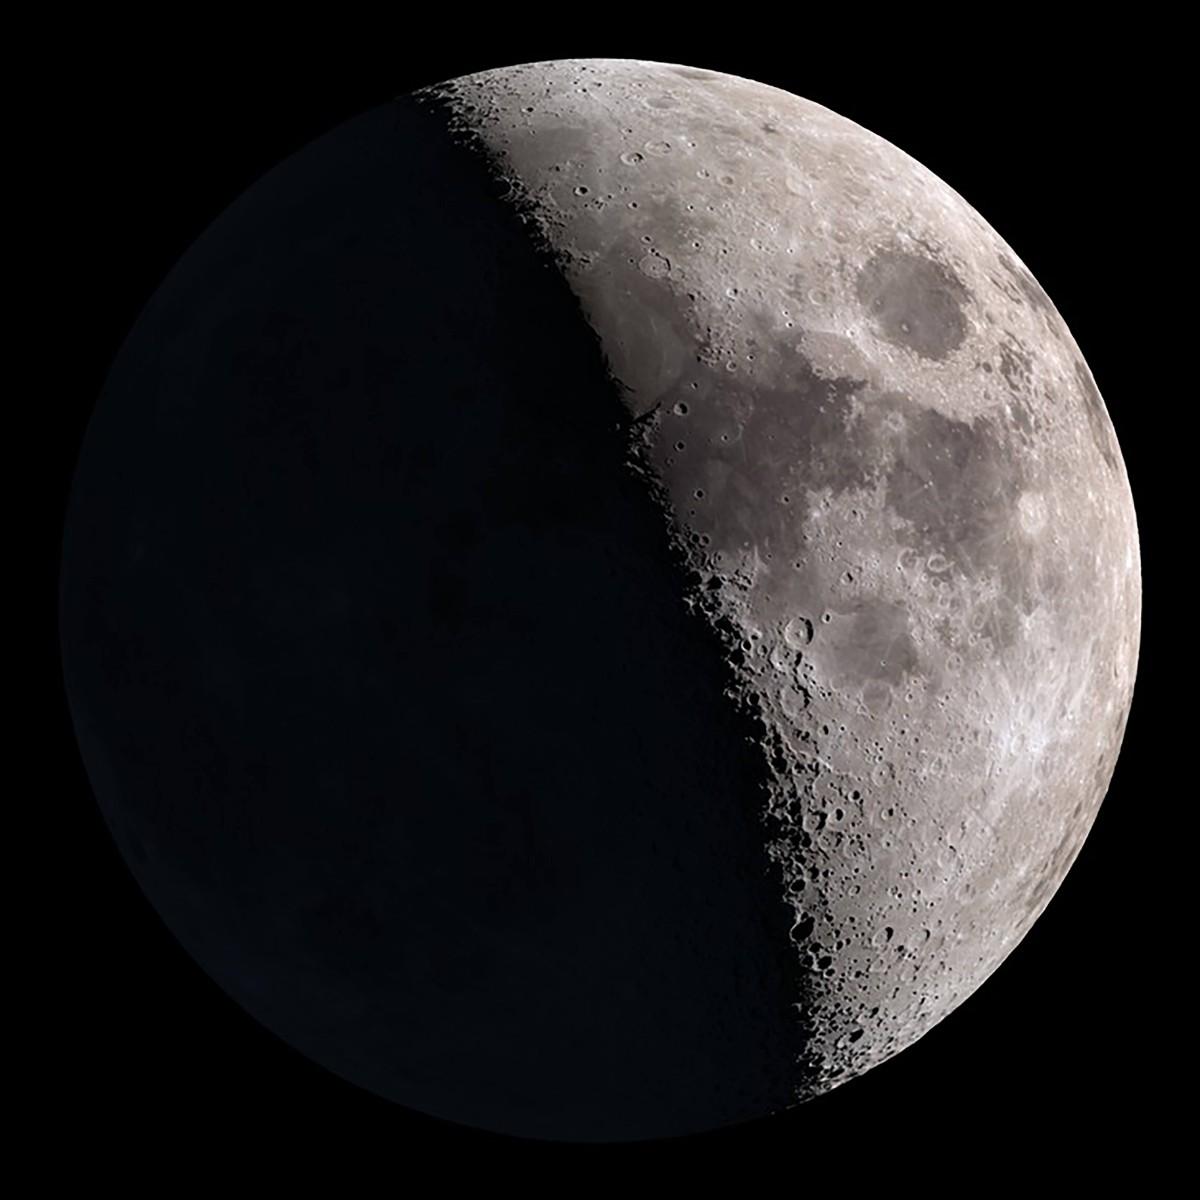 2017 nasa moon phase today - photo #8